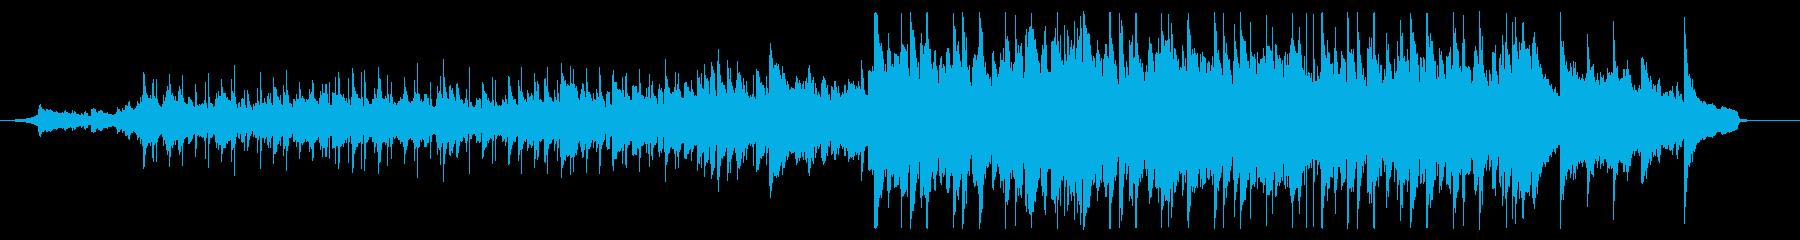 90秒CM用、爽やかで優しい幸せな曲調の再生済みの波形